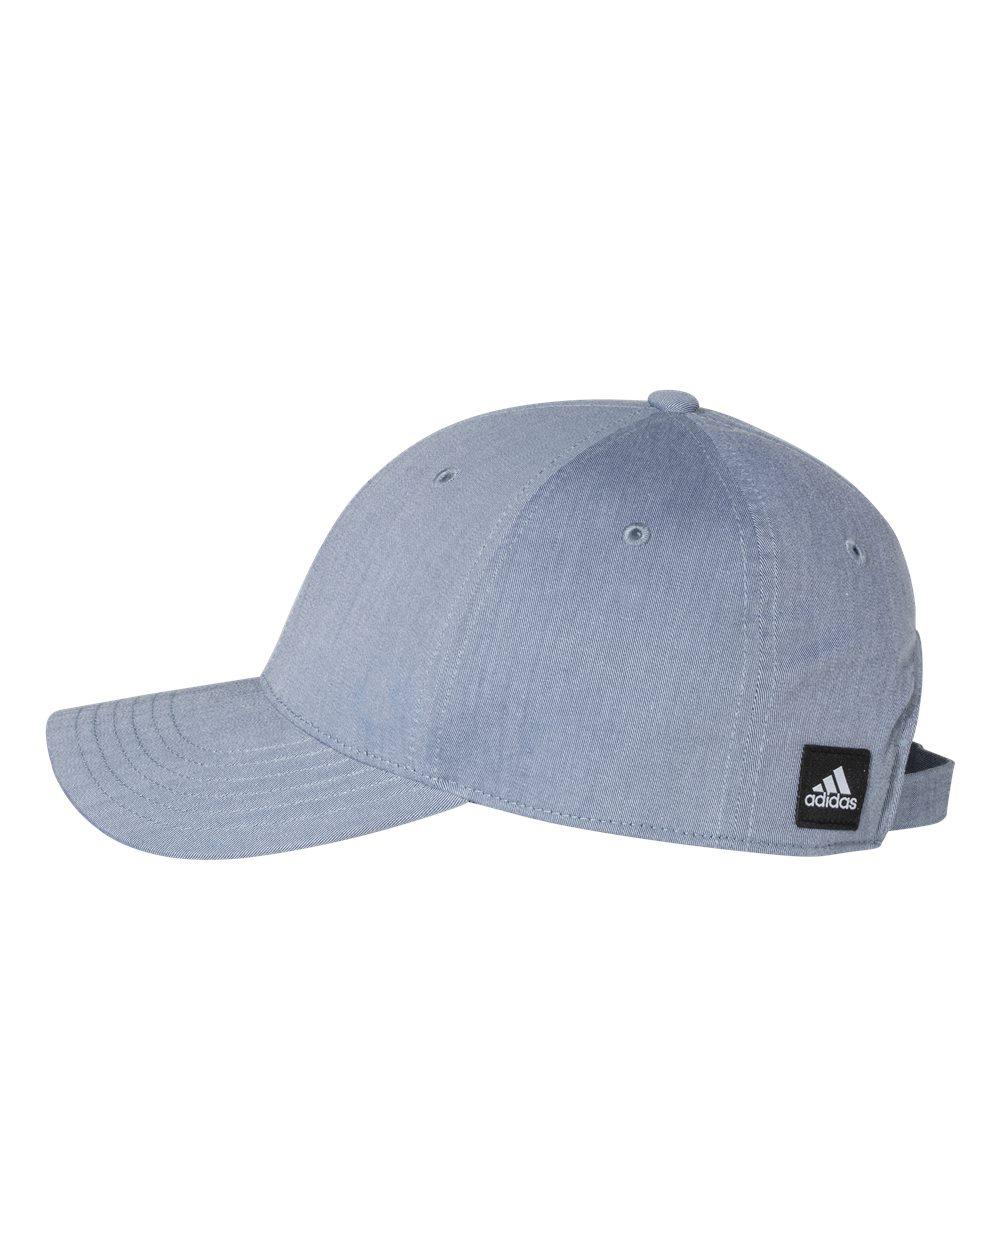 Adidas A629 - Chambray Cap